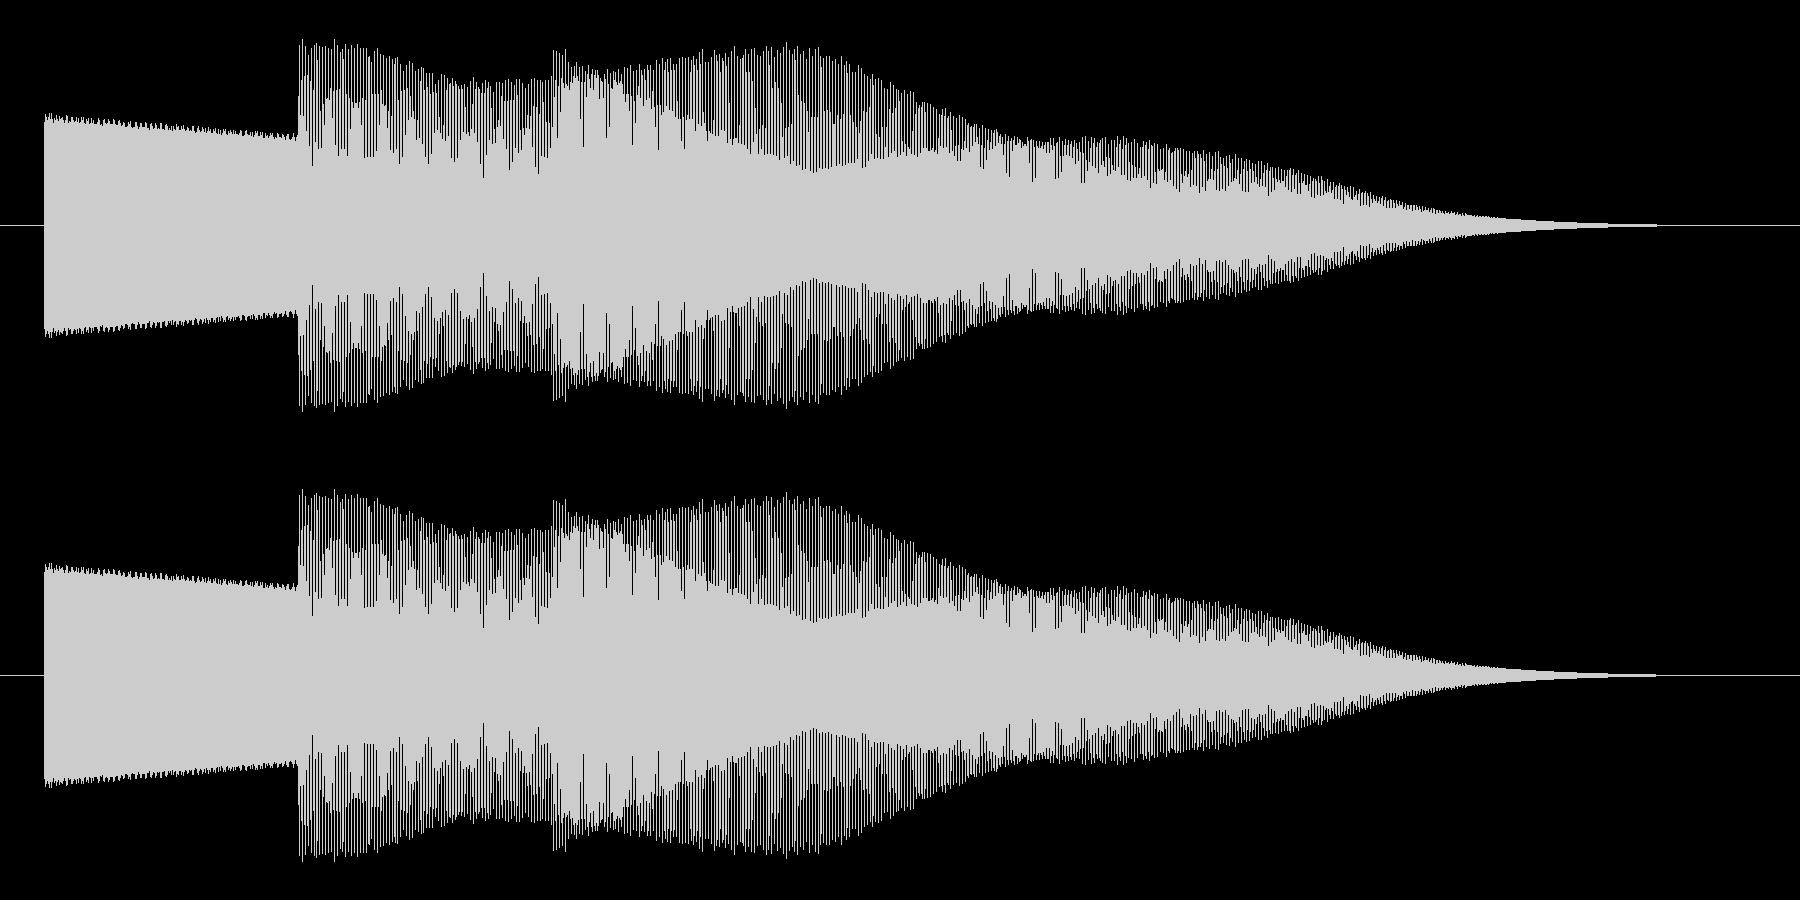 セレクト 決定 選択 スタート ピポパの未再生の波形